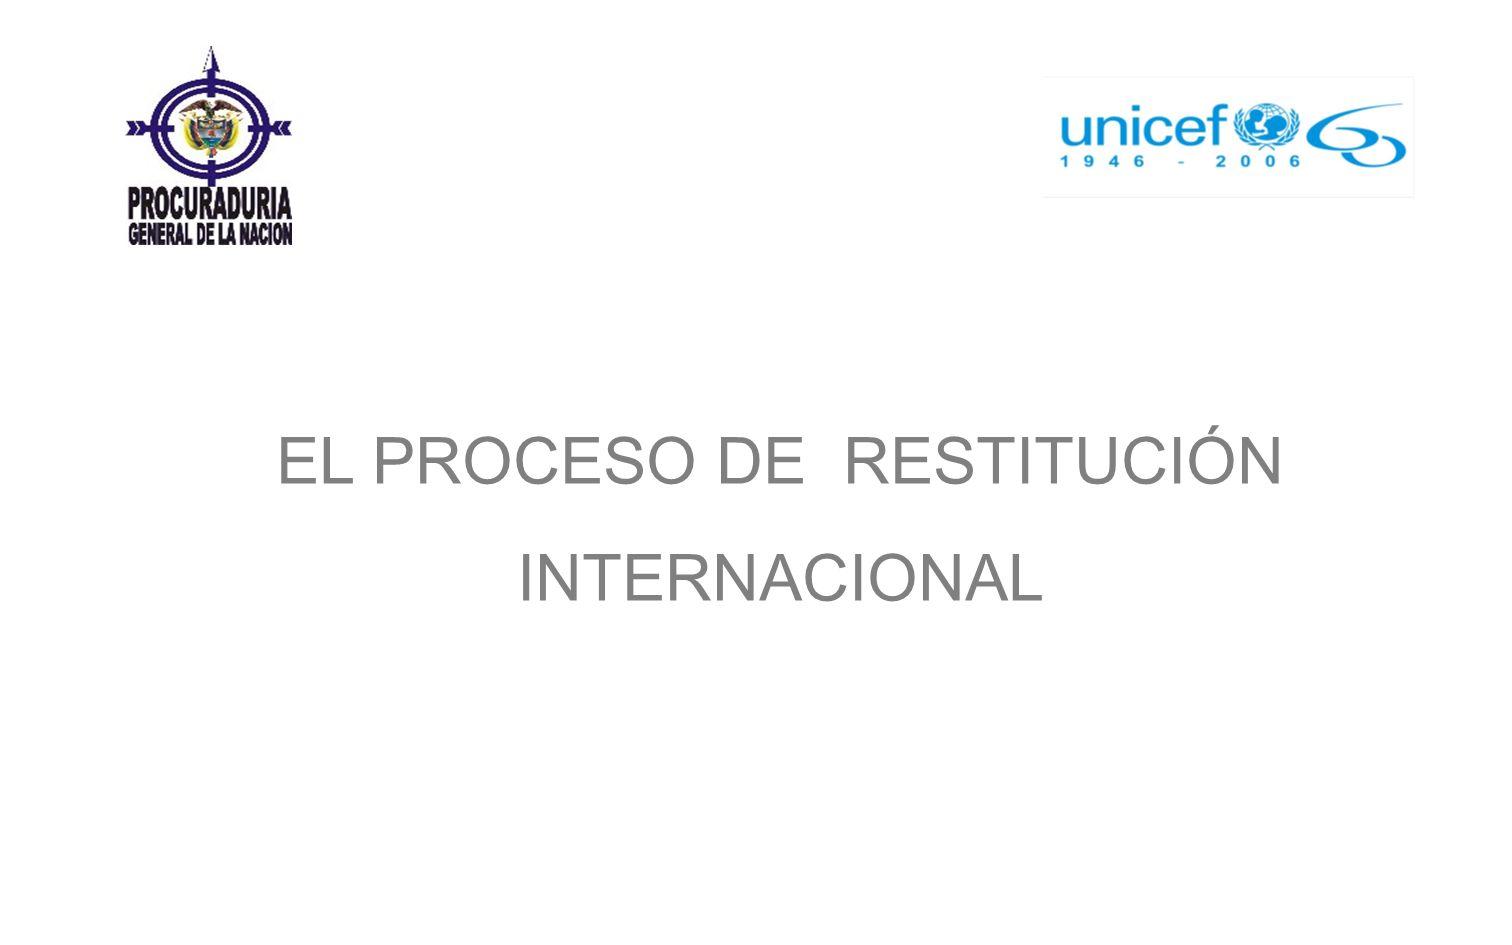 EL PROCESO DE RESTITUCIÓN INTERNACIONAL